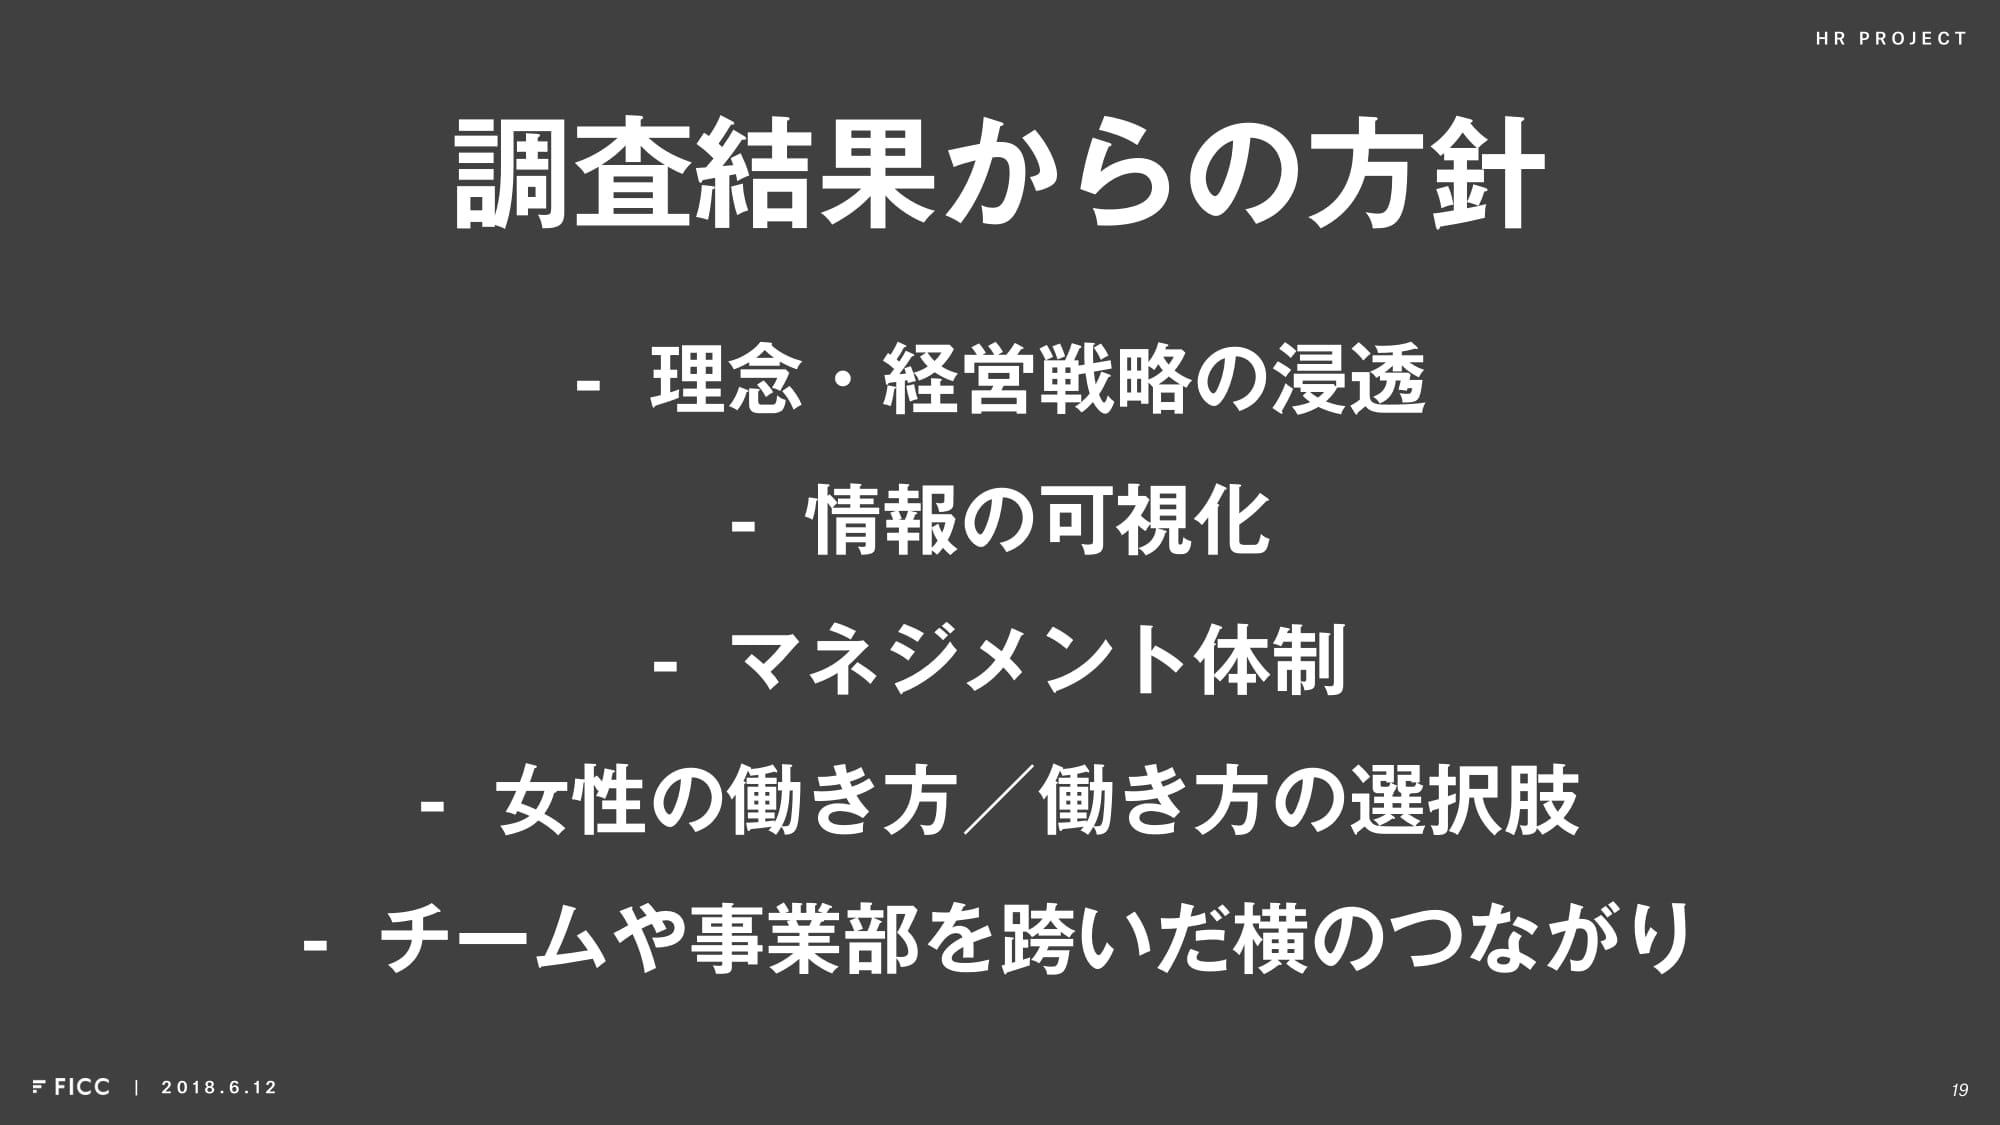 調査結果からの5つの方針